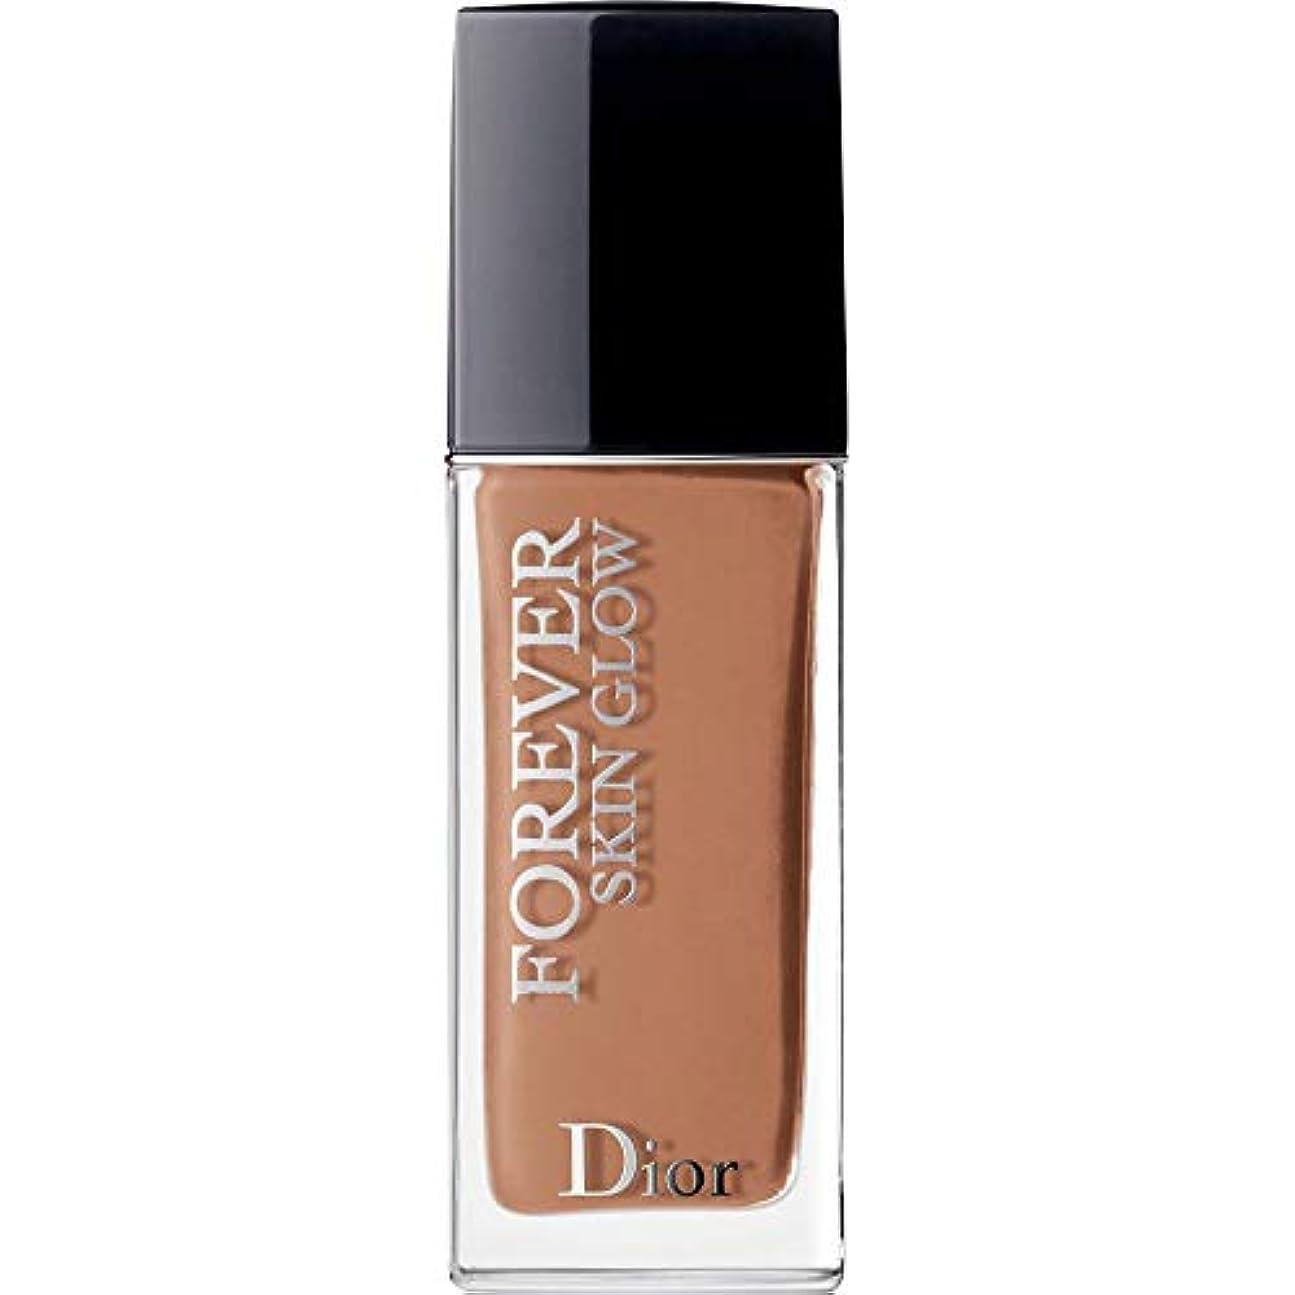 ブラウン関係ない生じる[DIOR] ディオール永遠に皮膚グロー皮膚思いやりの基礎Spf35 30ミリリットルの5N - ニュートラル(肌の輝き) - DIOR Forever Skin Glow Skin-Caring Foundation...